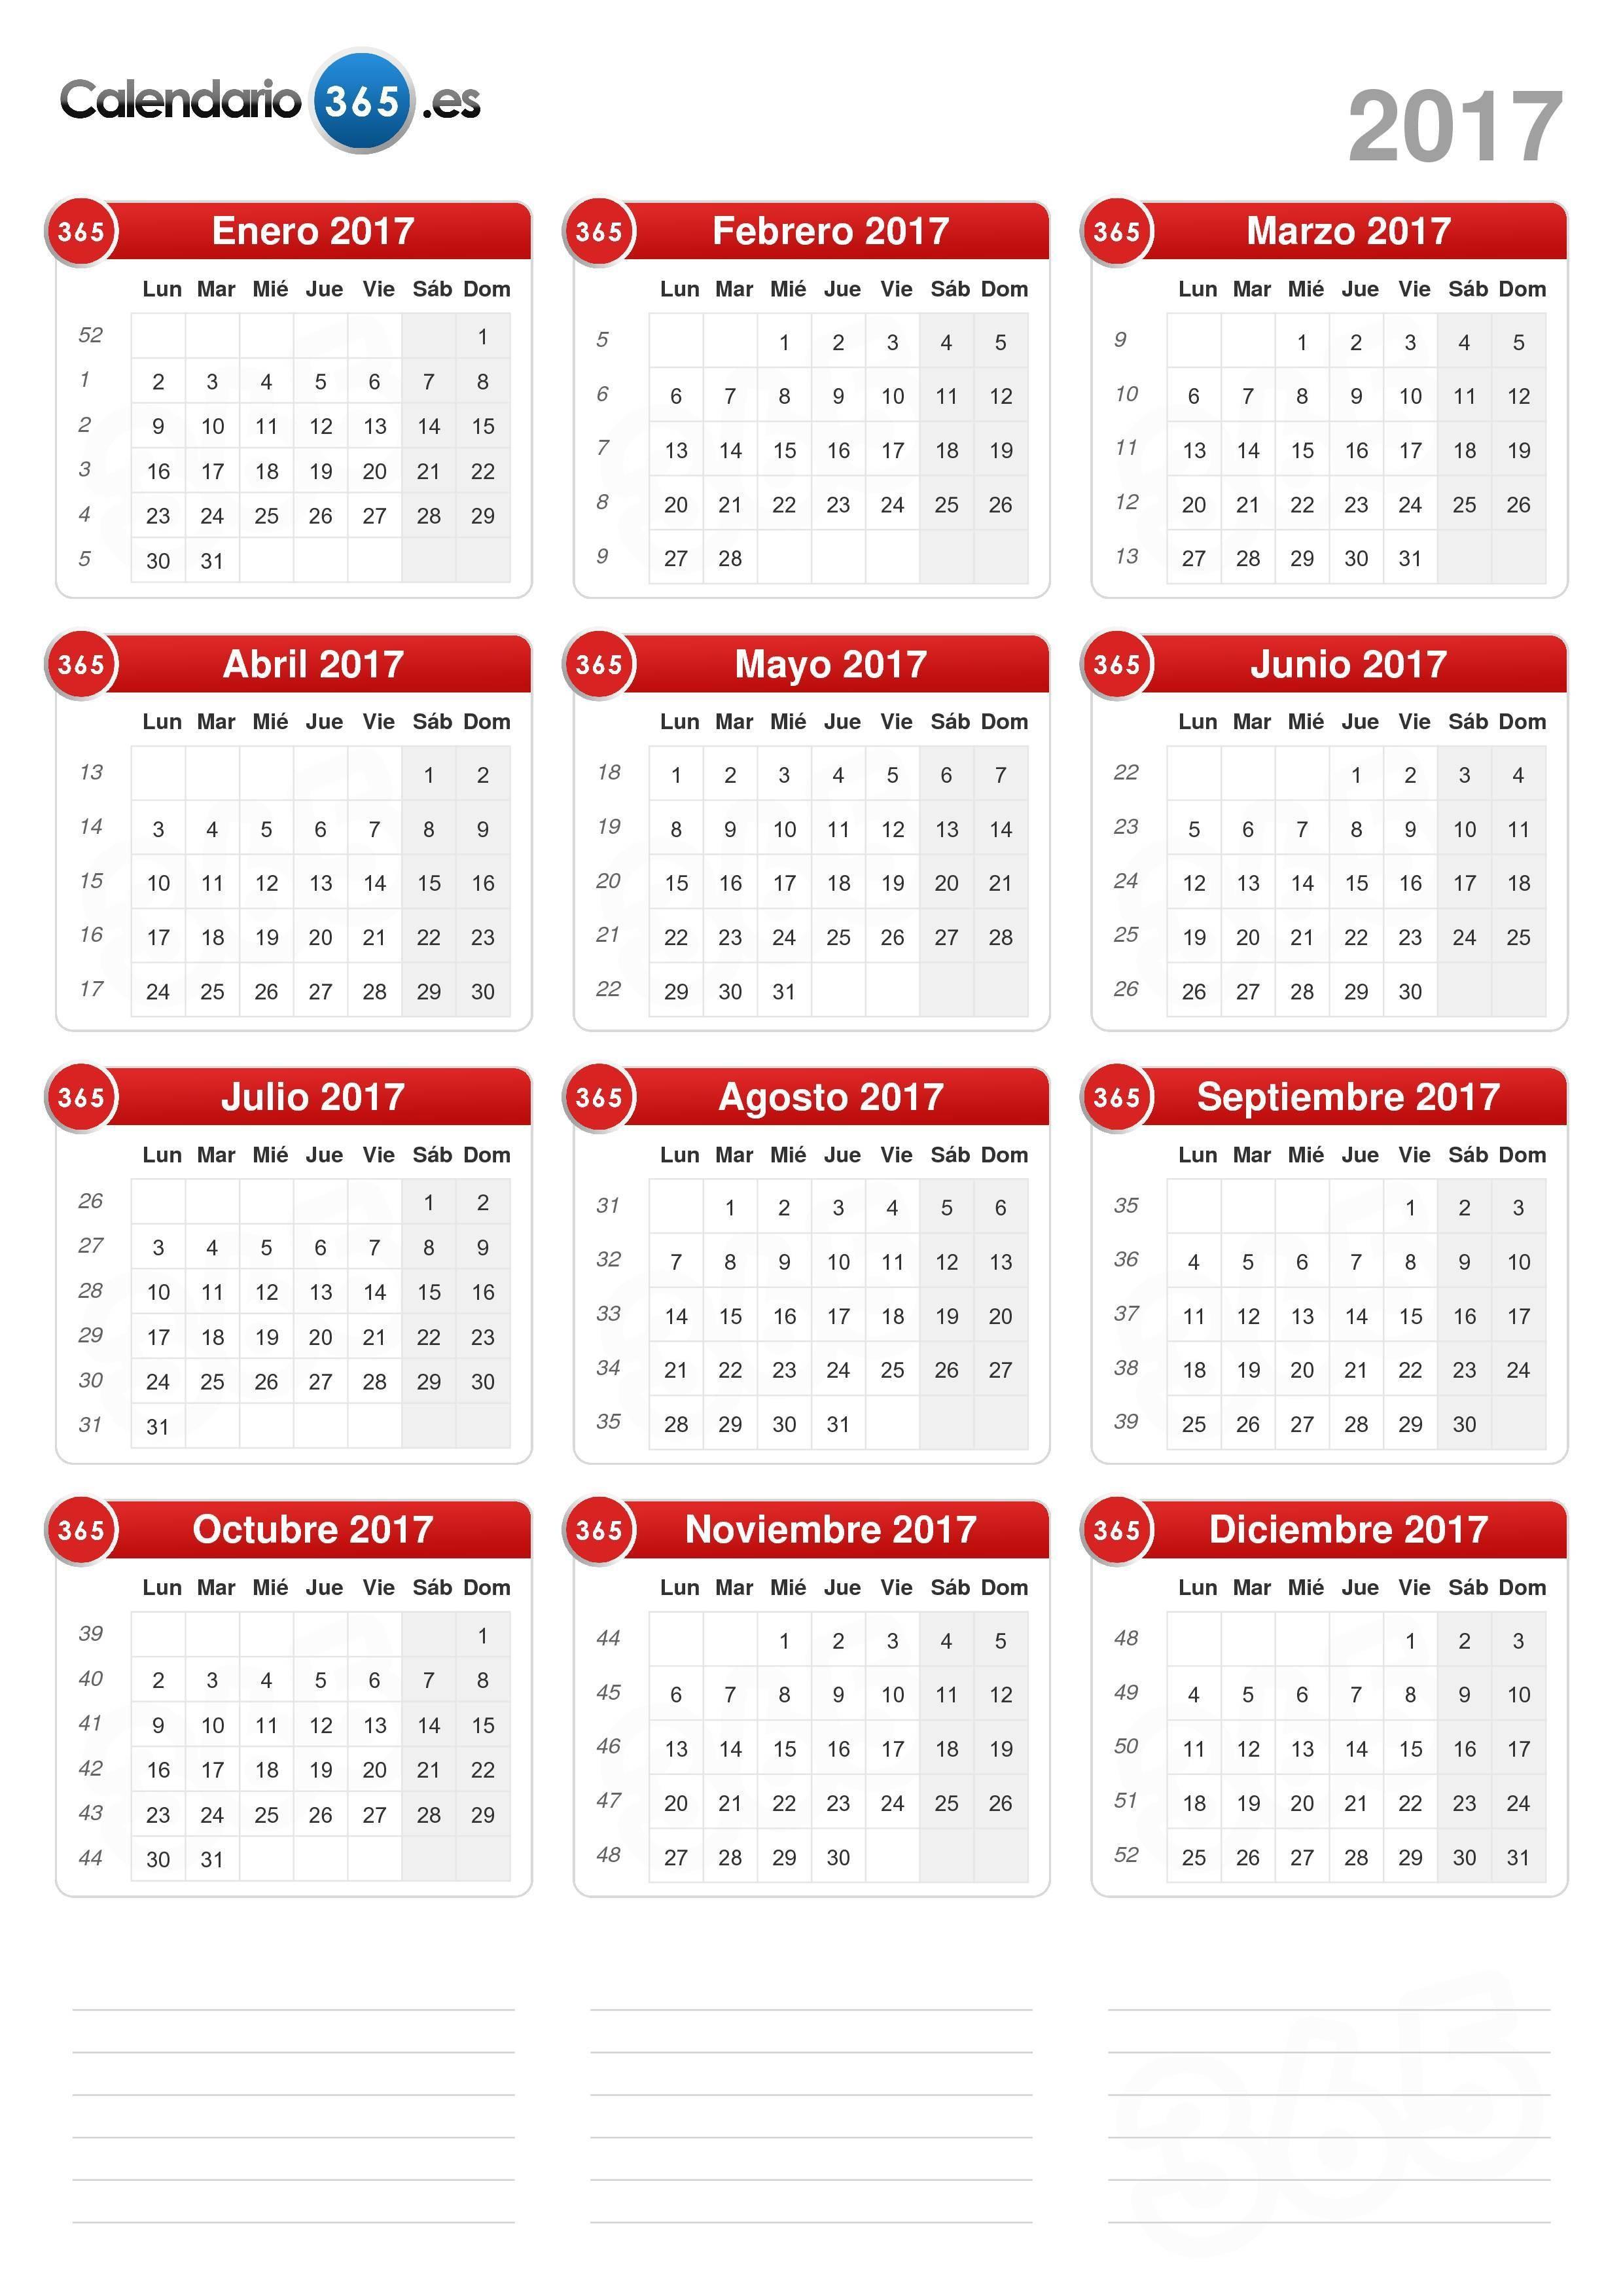 Calendario En Argentina Año 2019 Más Caliente Calendario 2017 Of Calendario En Argentina Año 2019 Recientes Ajedrez Con Humor